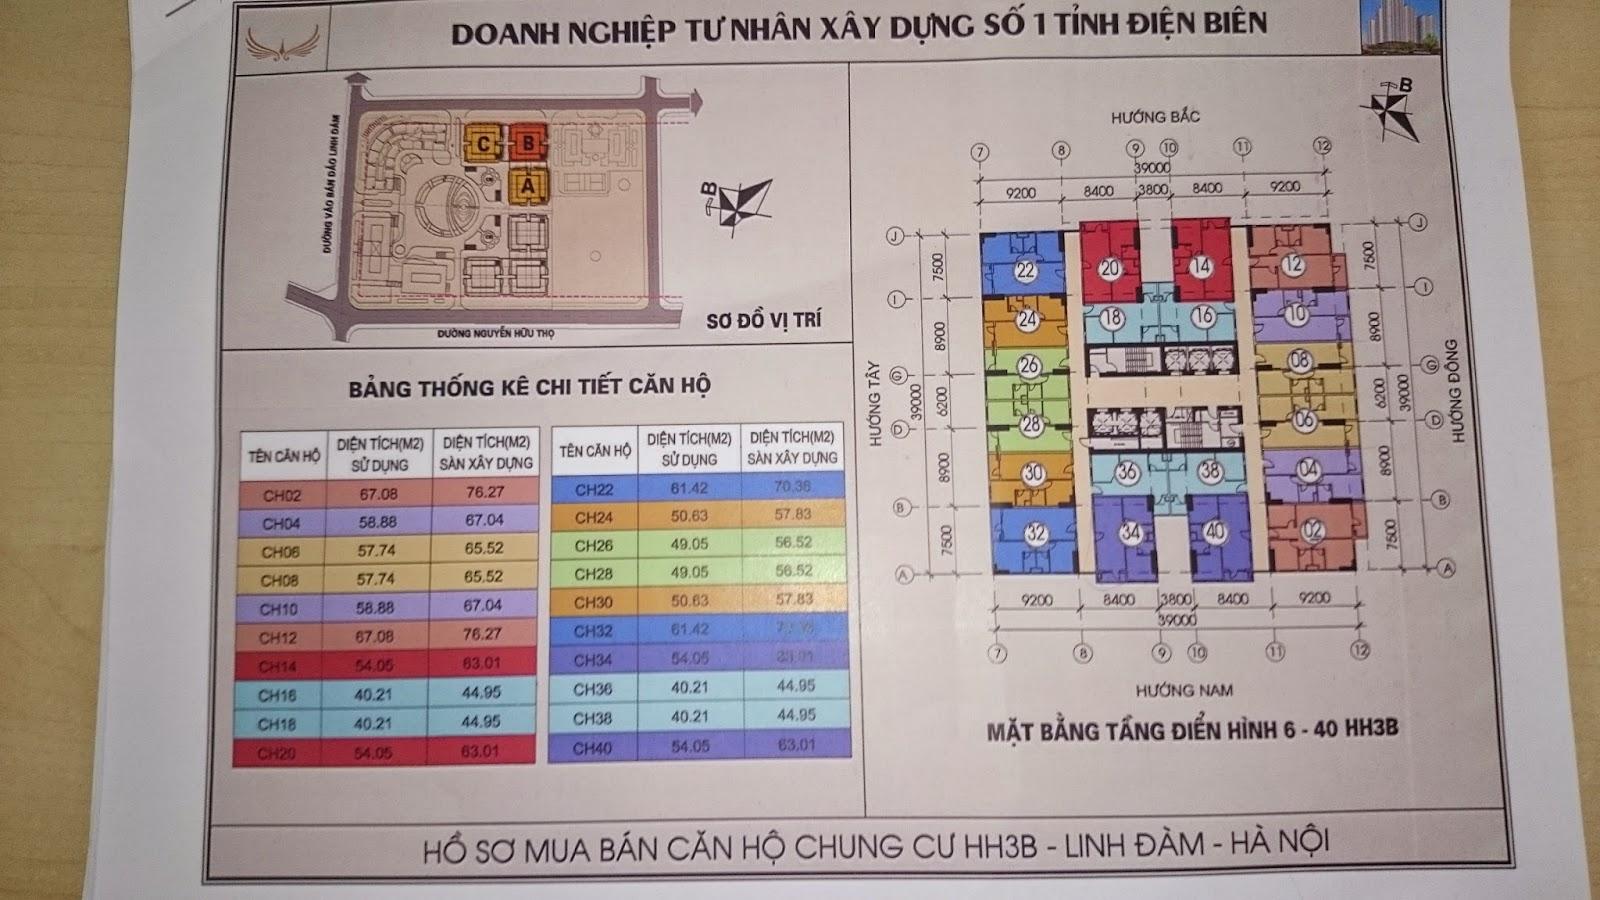 Mặt bằng tầng 6-40 HH3B Linh Đàm